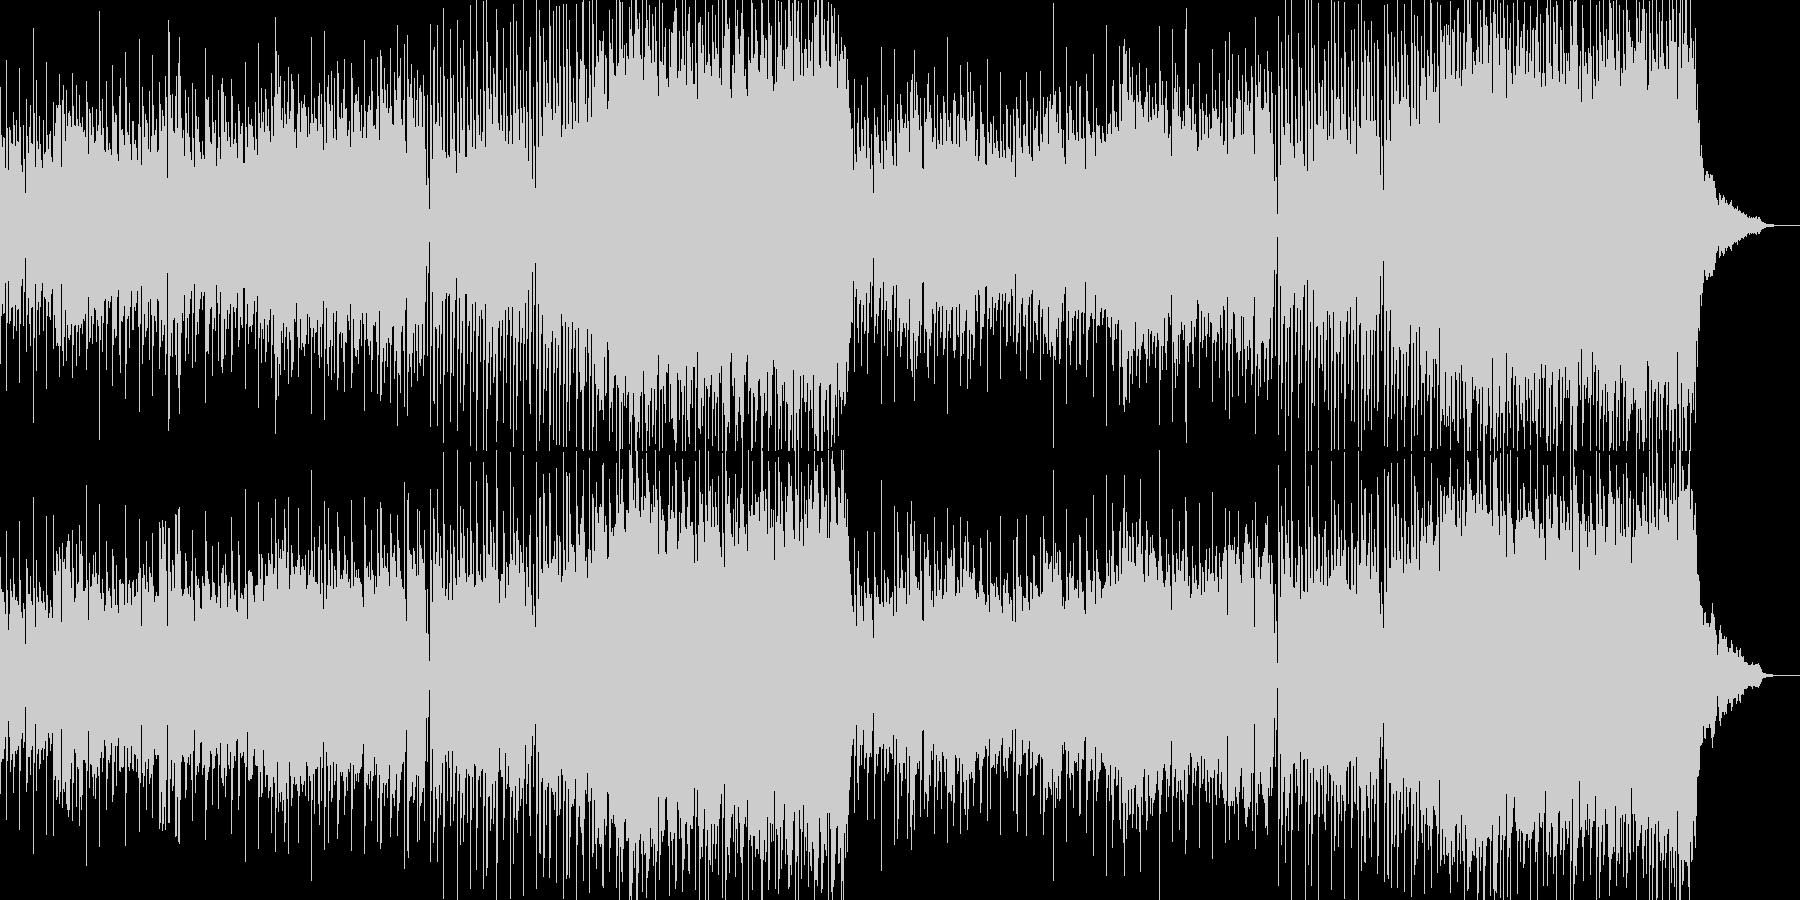 ひなびた懐かしい雰囲気のオルガンPOPSの未再生の波形